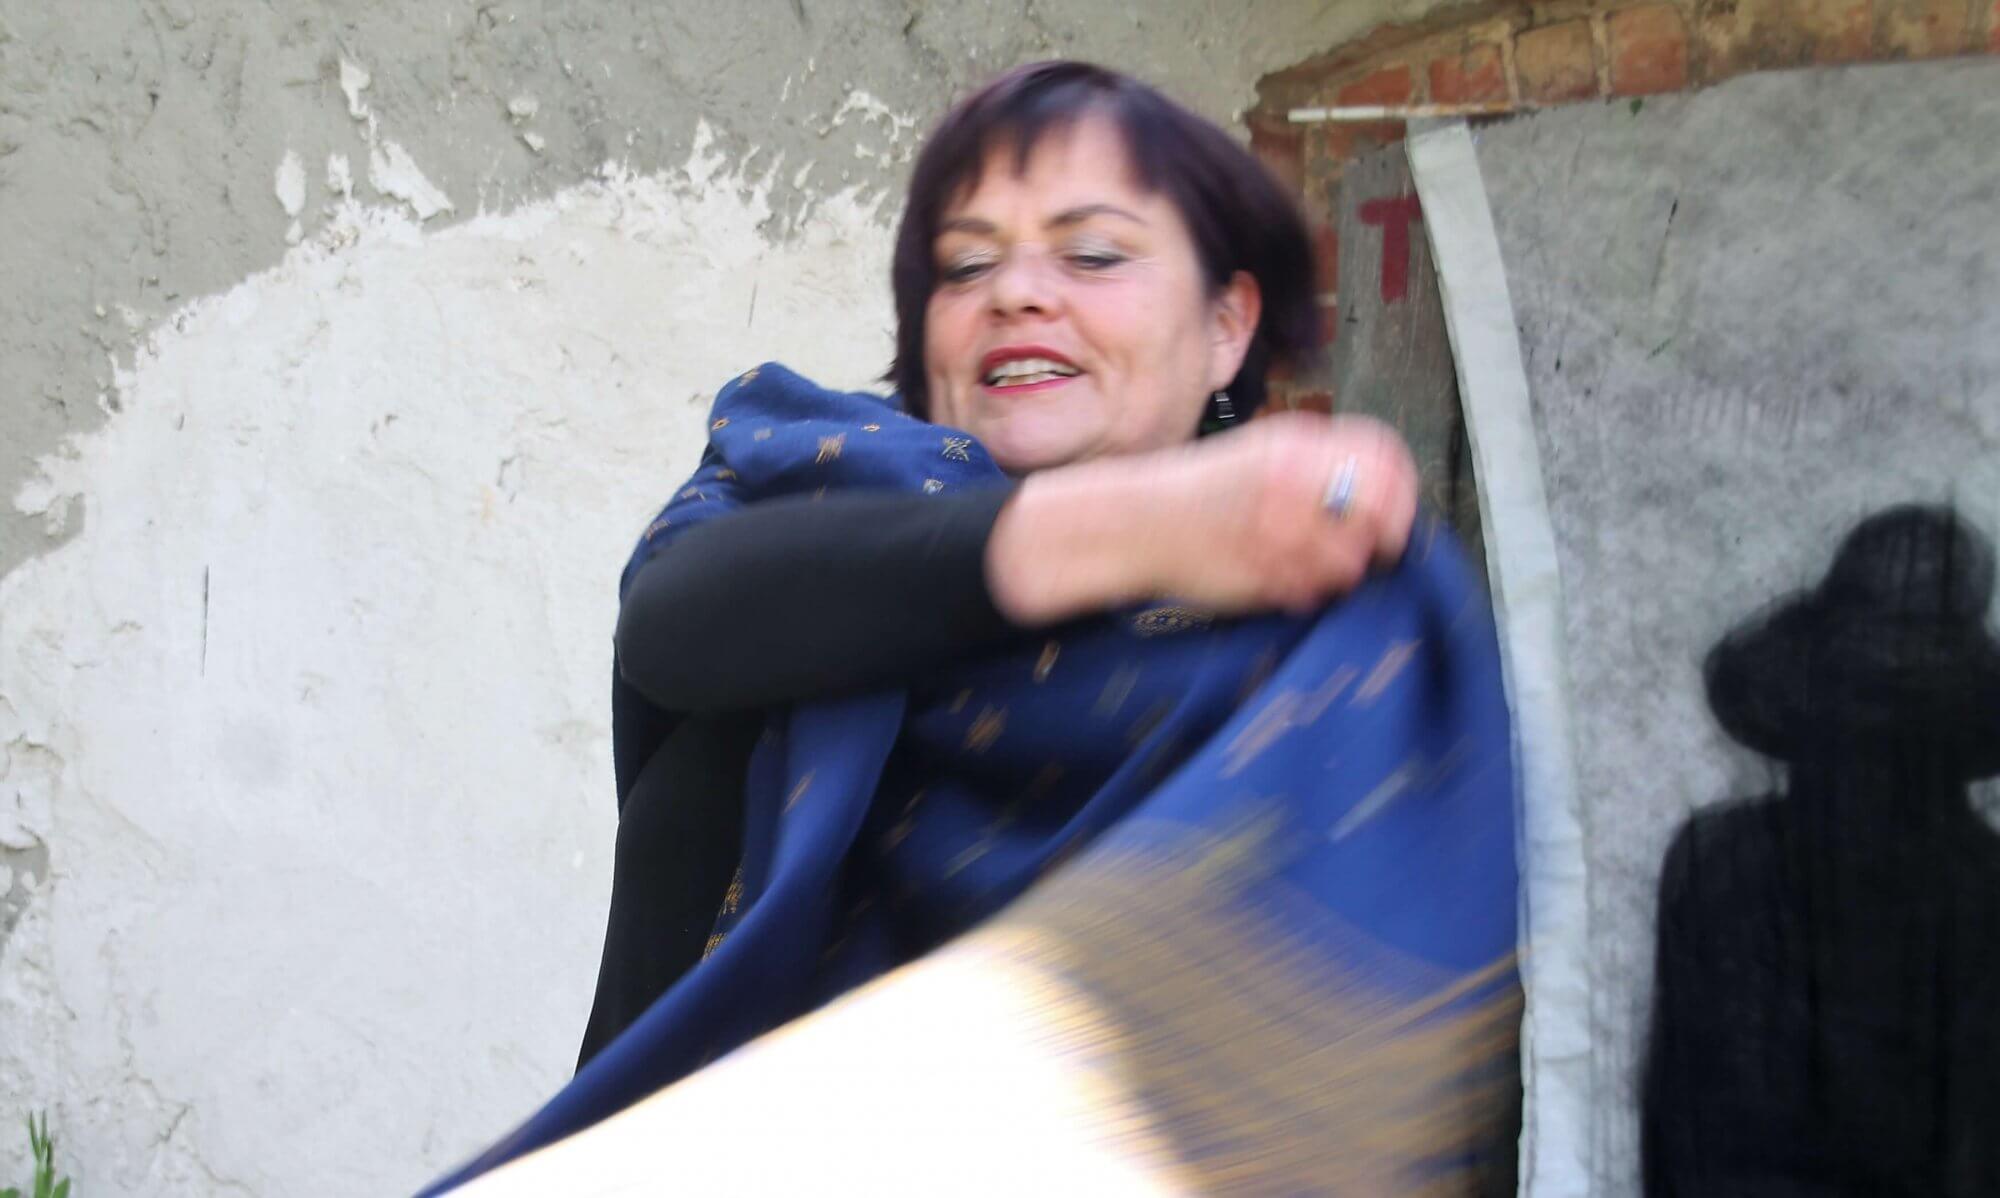 Lore Seichter-Muráth